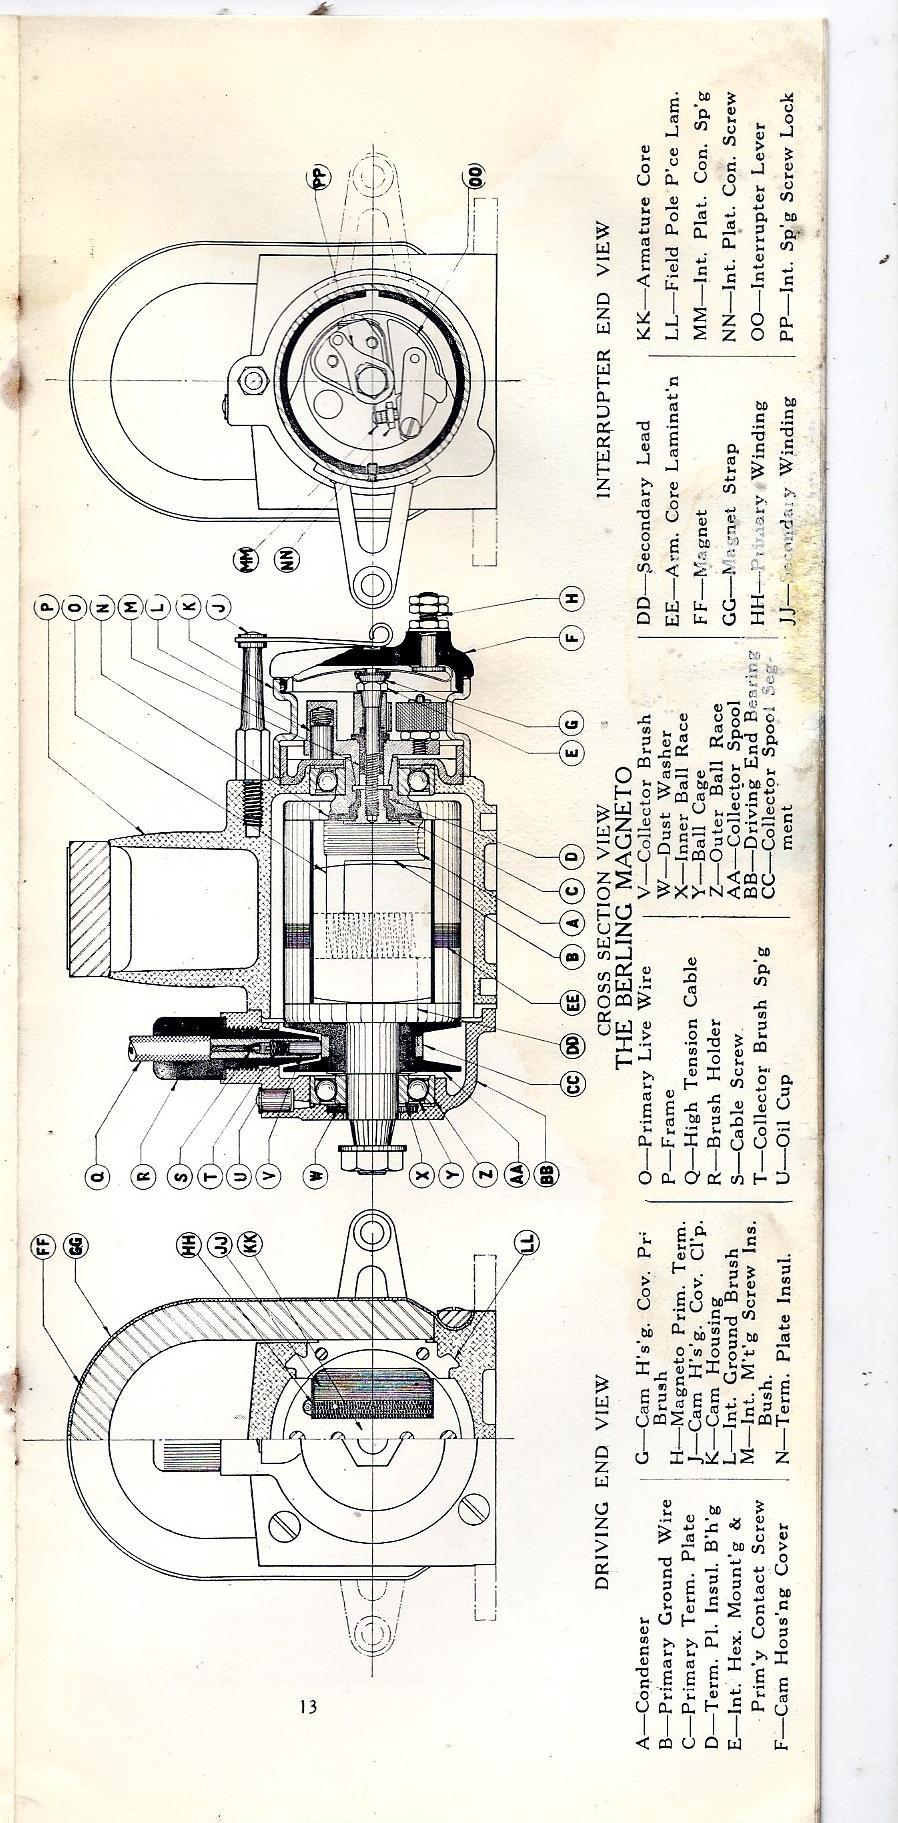 berling types s magneto manual [ 898 x 1823 Pixel ]